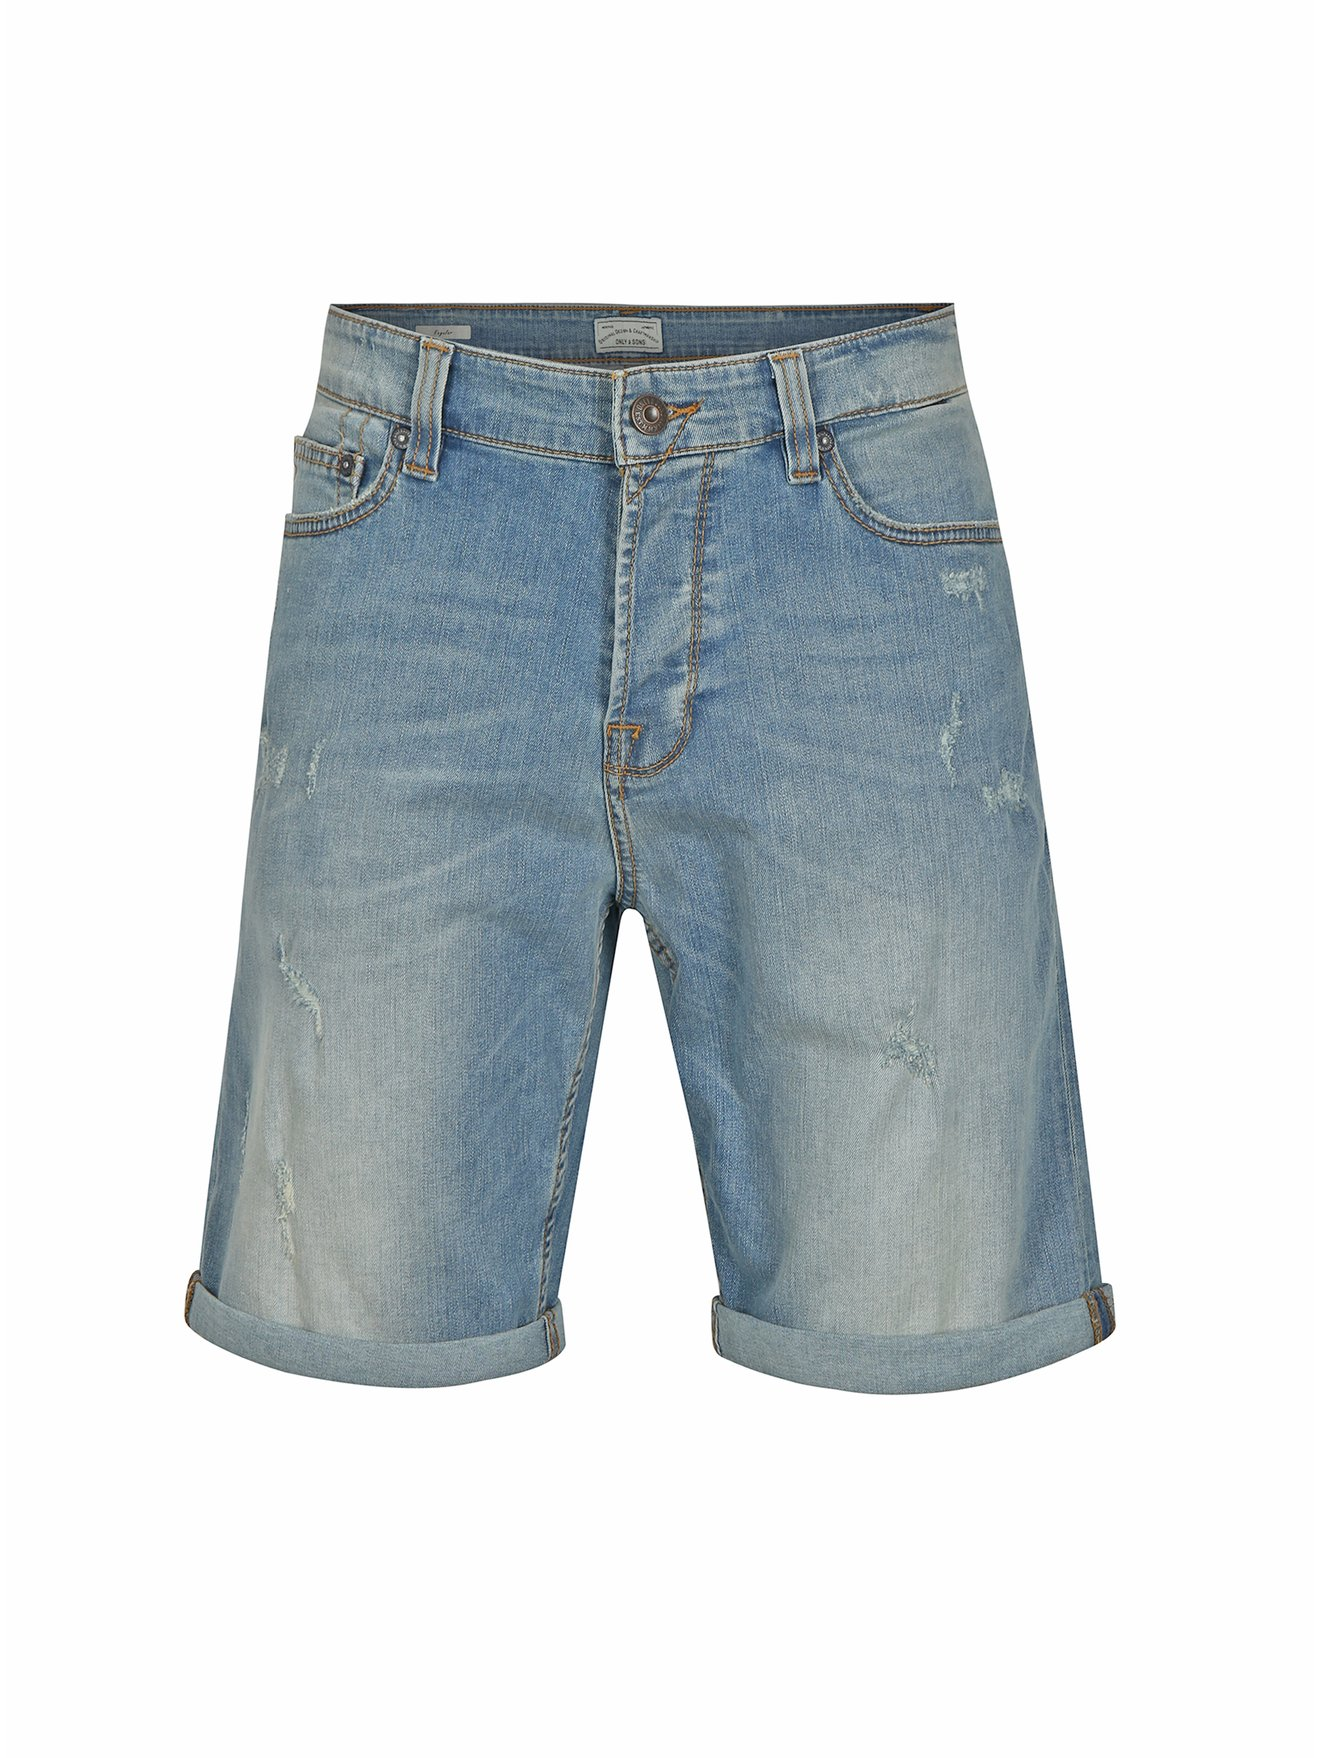 Světle modré džínové kraťasy s potrhaným efektem ONLY & SONS Ply